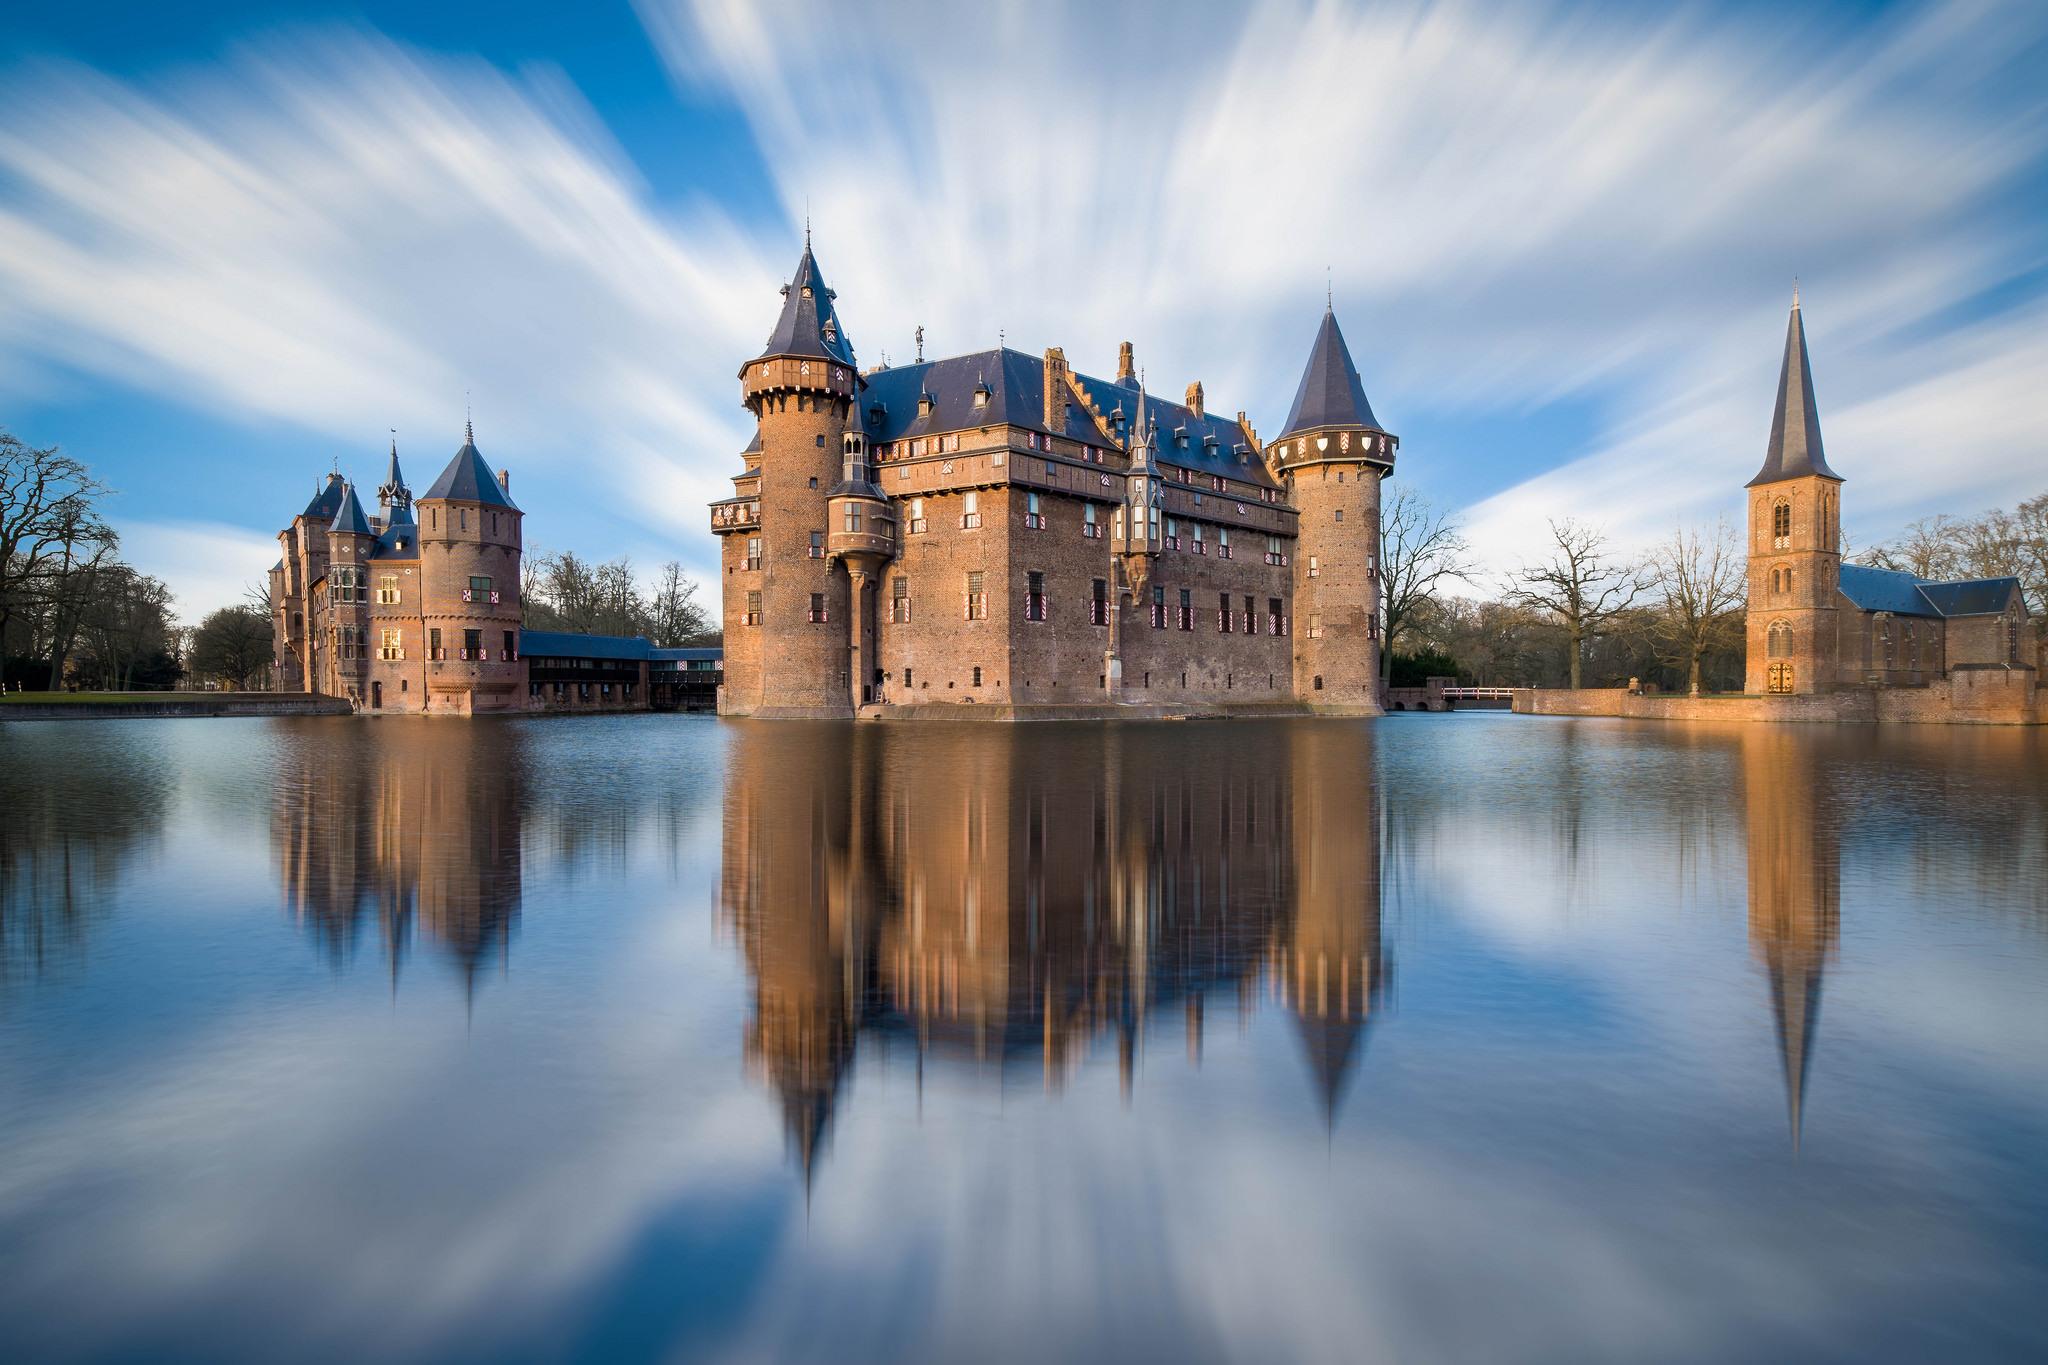 замок на воде  № 158423 бесплатно